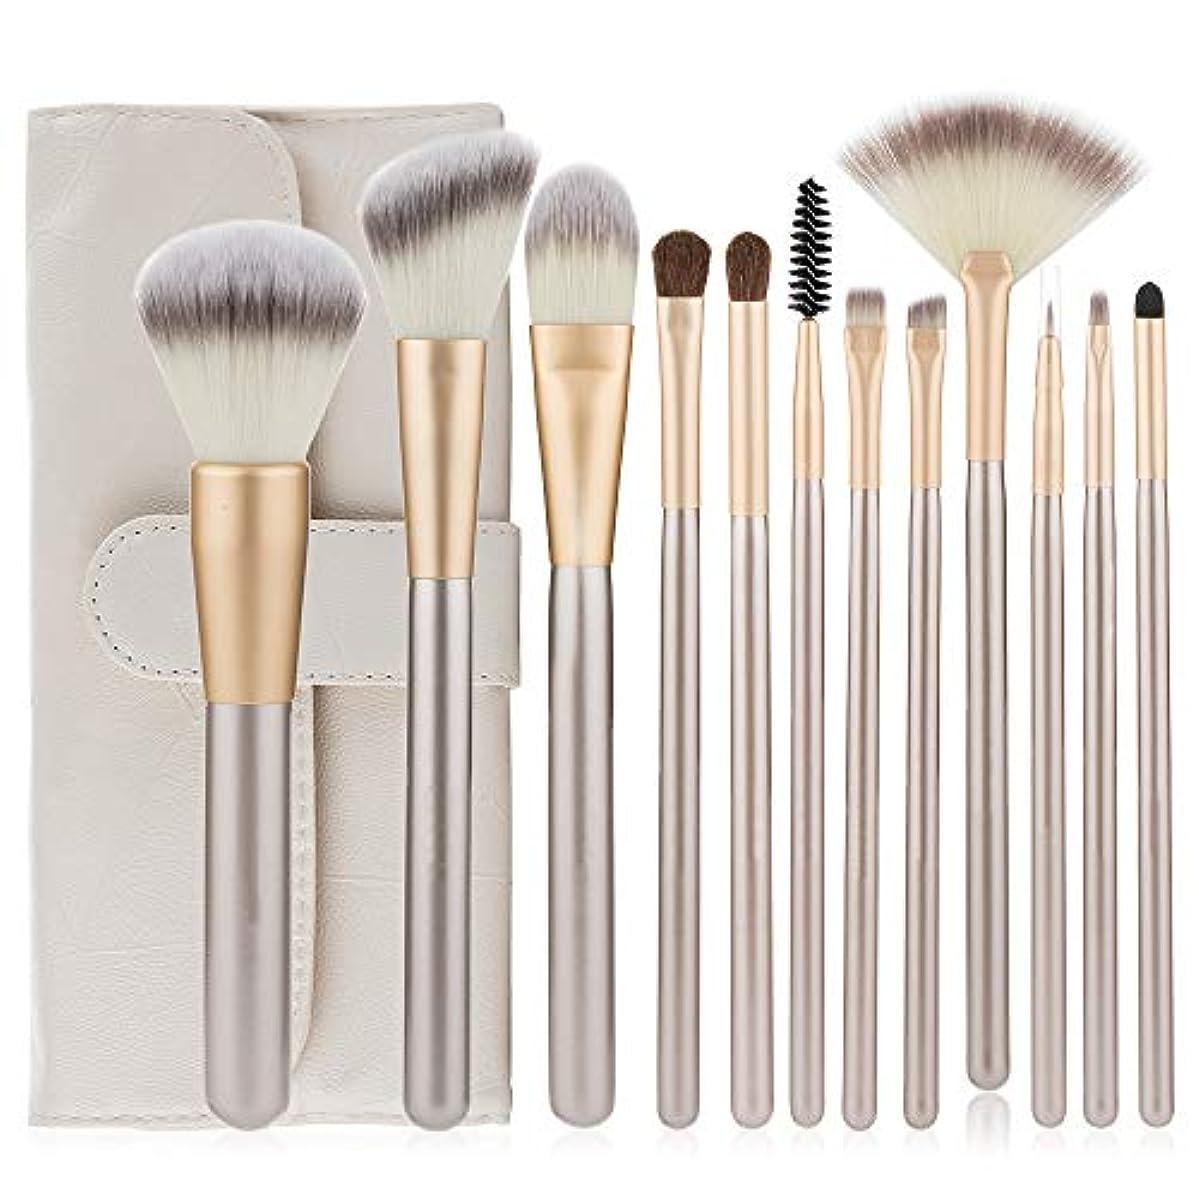 適度な精巧なイサカ化粧筆 高級天然毛 アイシャドウブラシセット 12本 上質なメイクブラシで魅力的な目元を 化粧ブラシブラシキットプロの化粧品で化粧キット (シャンパン)